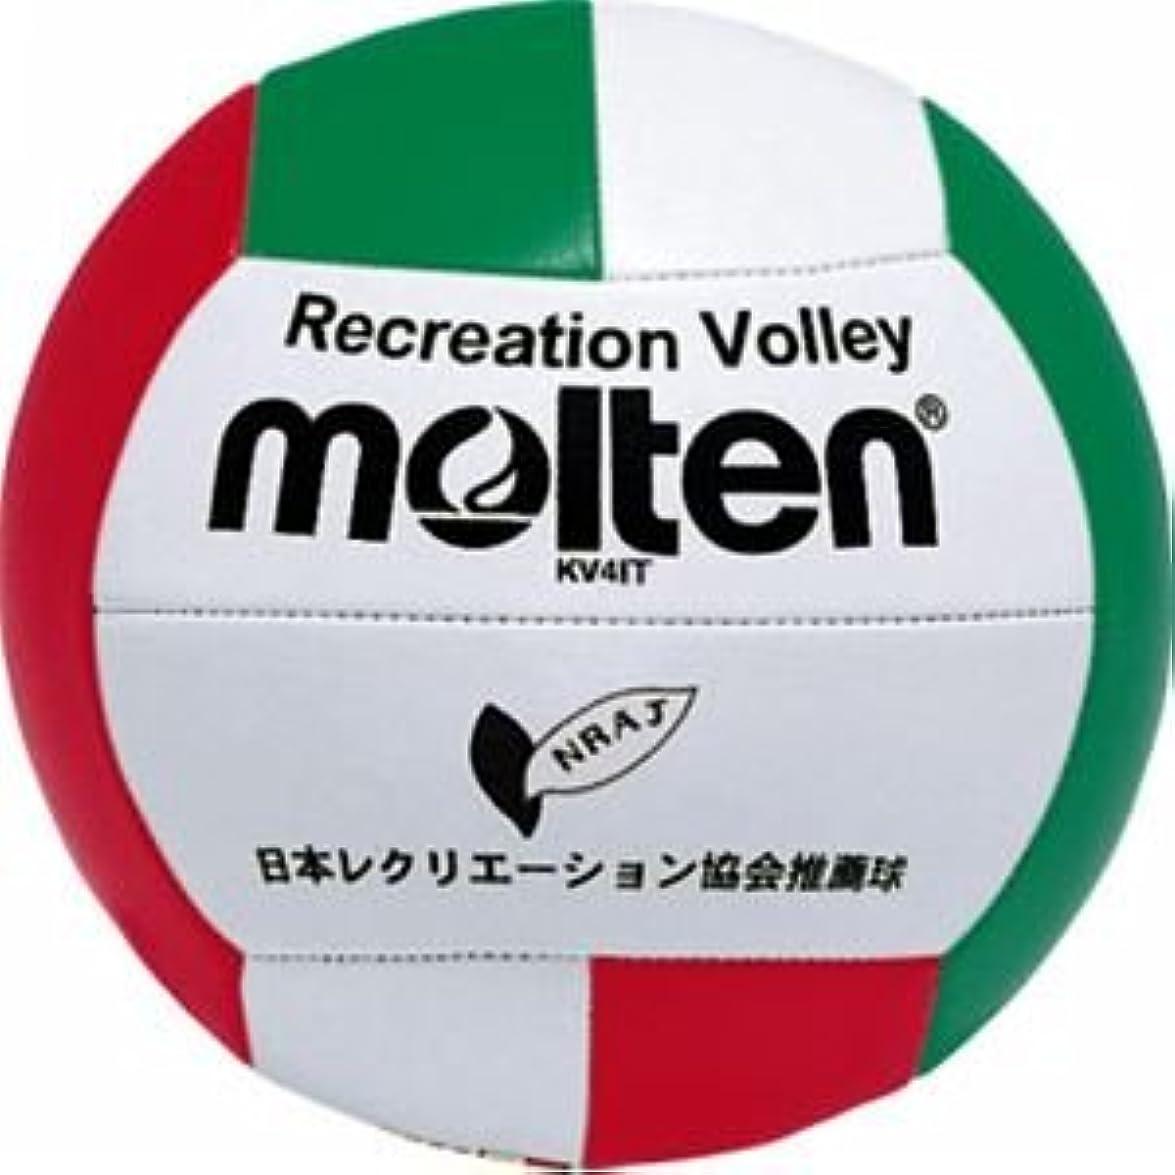 取り出す過言固有のmolten(モルテン) レクリエーションバレー 4号 KV4IT